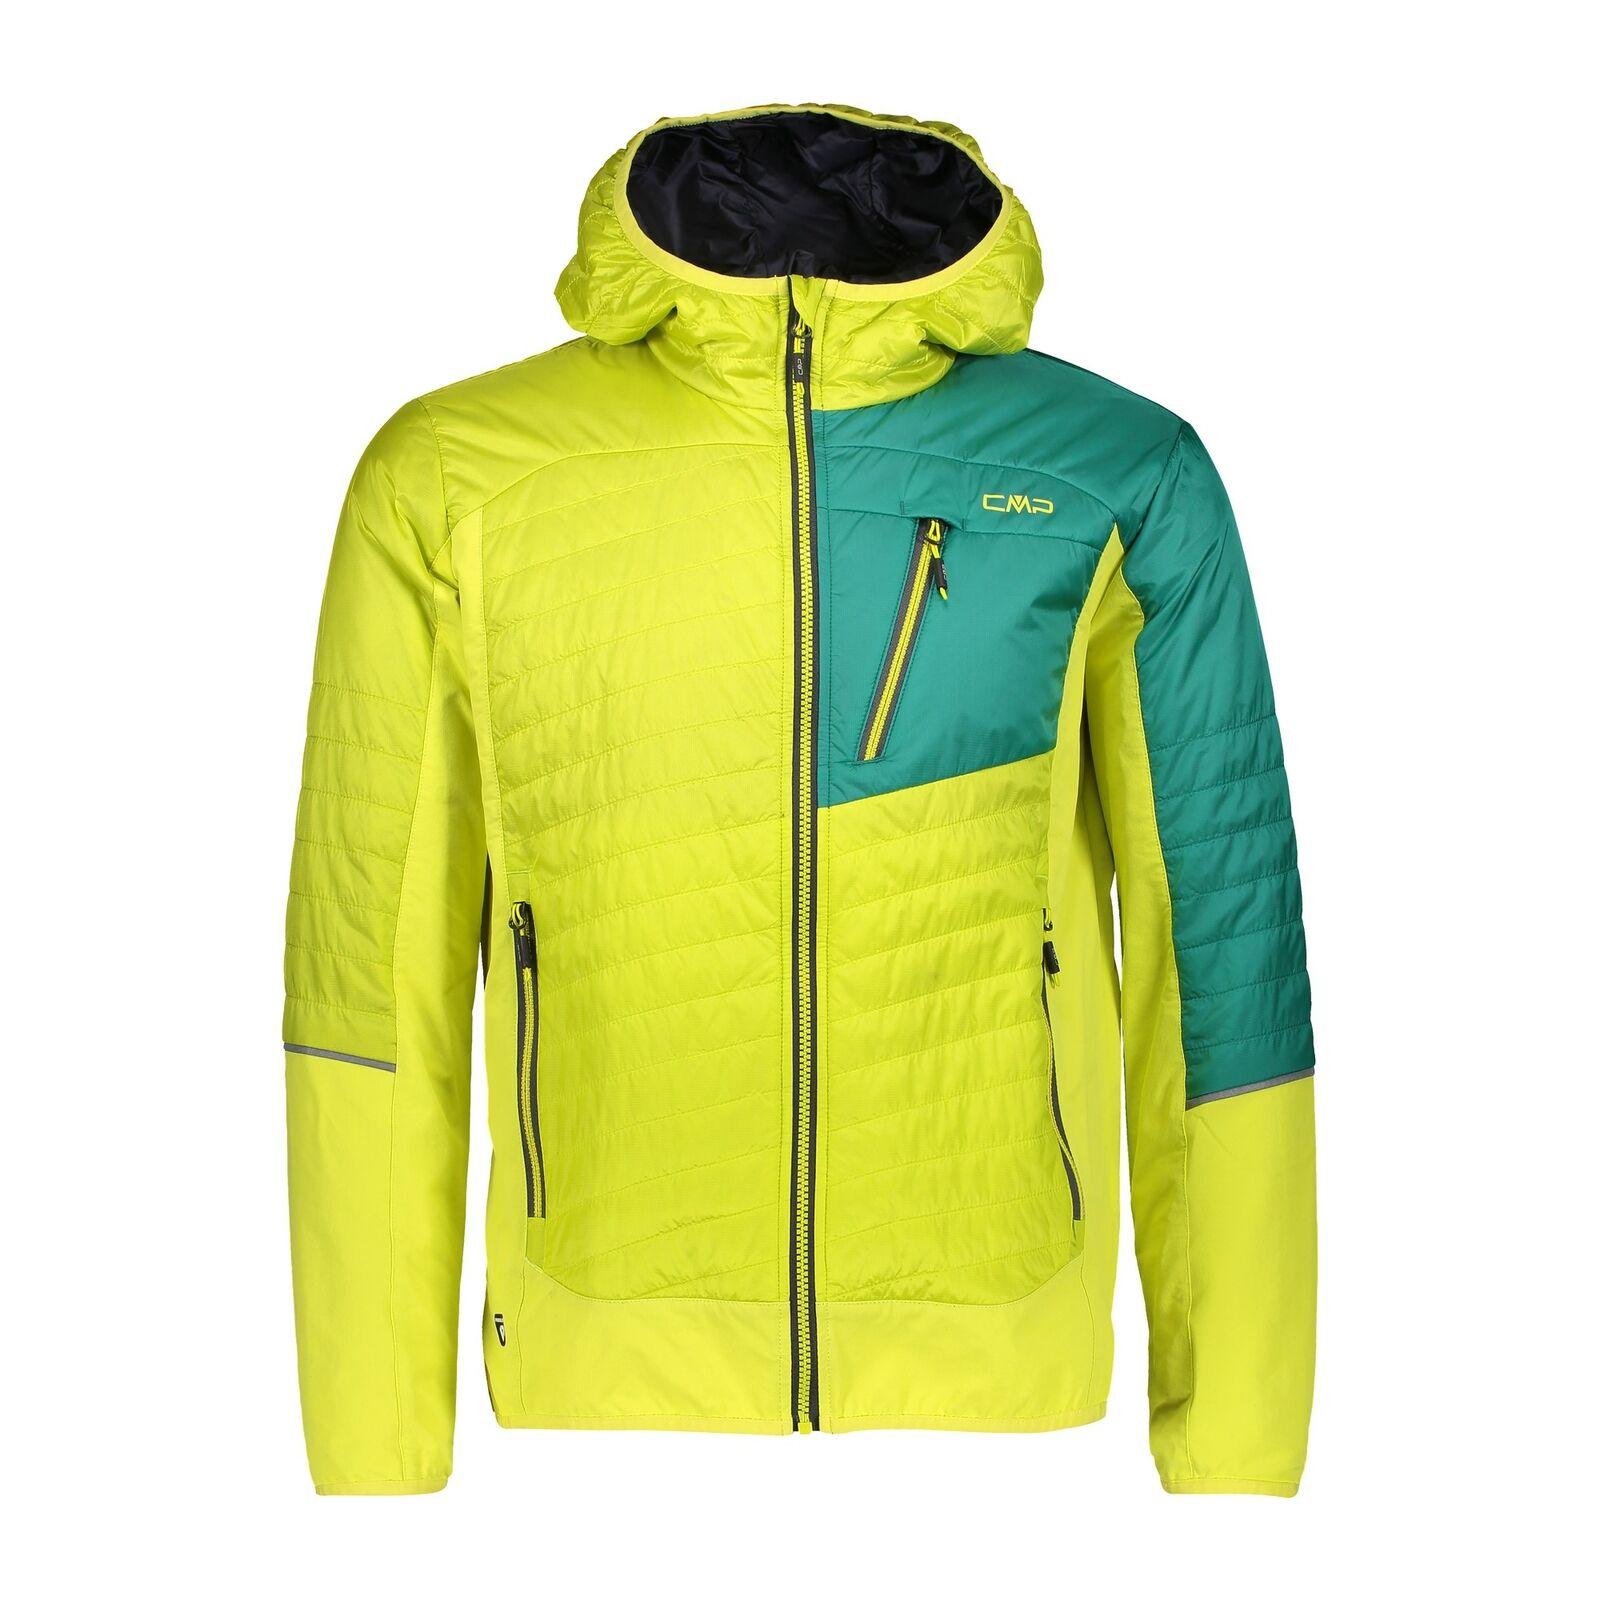 Chaqueta funcional de CMP a chaqueta fijo capucha amarillo impermeable transpirable